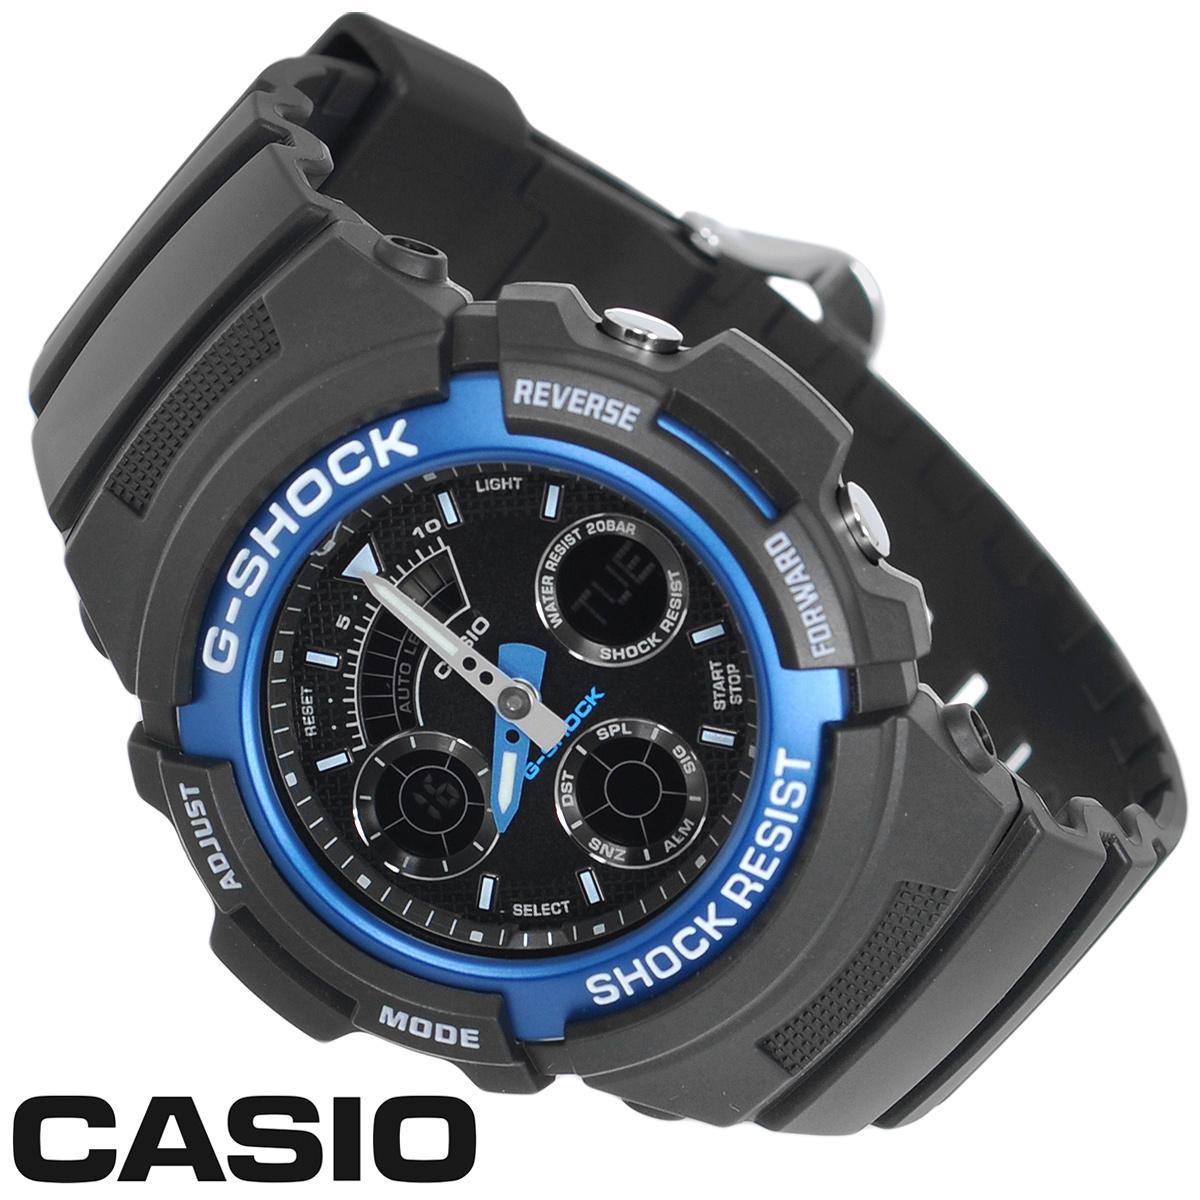 Часы мужские наручные Casio G-Shock, цвет: черный, синий. AW-591-2AT0AUFDJK3Стильные аналогово-цифровые кварцевые часы G-Shock от японского брэнда Casio - это яркий функциональный аксессуар для современных людей, которые стремятся выделиться из толпы и подчеркнуть свою индивидуальность. Часы выполнены в спортивном стиле. Корпус имеет ударопрочную конструкцию, защищающую механизм от ударов и вибрации. Циферблат с люминесцентными отметками и двумя стрелками оснащен светодиодной автоподсветкой. Ремешок из пластика имеет классическую застежку.Основные функции: -5 будильников с функцией Snooze, ежечасный сигнал; -автоматический календарь (число, месяц, день недели, год); -секундомер с точностью показаний 1/100 с и временем измерения 1 ч; -мировое время; -таймер; -12-ти и 24-х часовой формат времени. Часы упакованы в фирменную коробку с логотипом Casio. Такой аксессуар добавит вашему образу стиля и подчеркнет безупречный вкус своего владельца.Характеристики: Диаметр циферблата: 3 см.Размер корпуса: 5,2 см х 4,6 см х 1,5 см.Длина ремешка (с корпусом): 25 см.Ширина ремешка: 2 см. STAINLESS STELL BACK JAPAN MOVT Y CASED IN THAILAND.